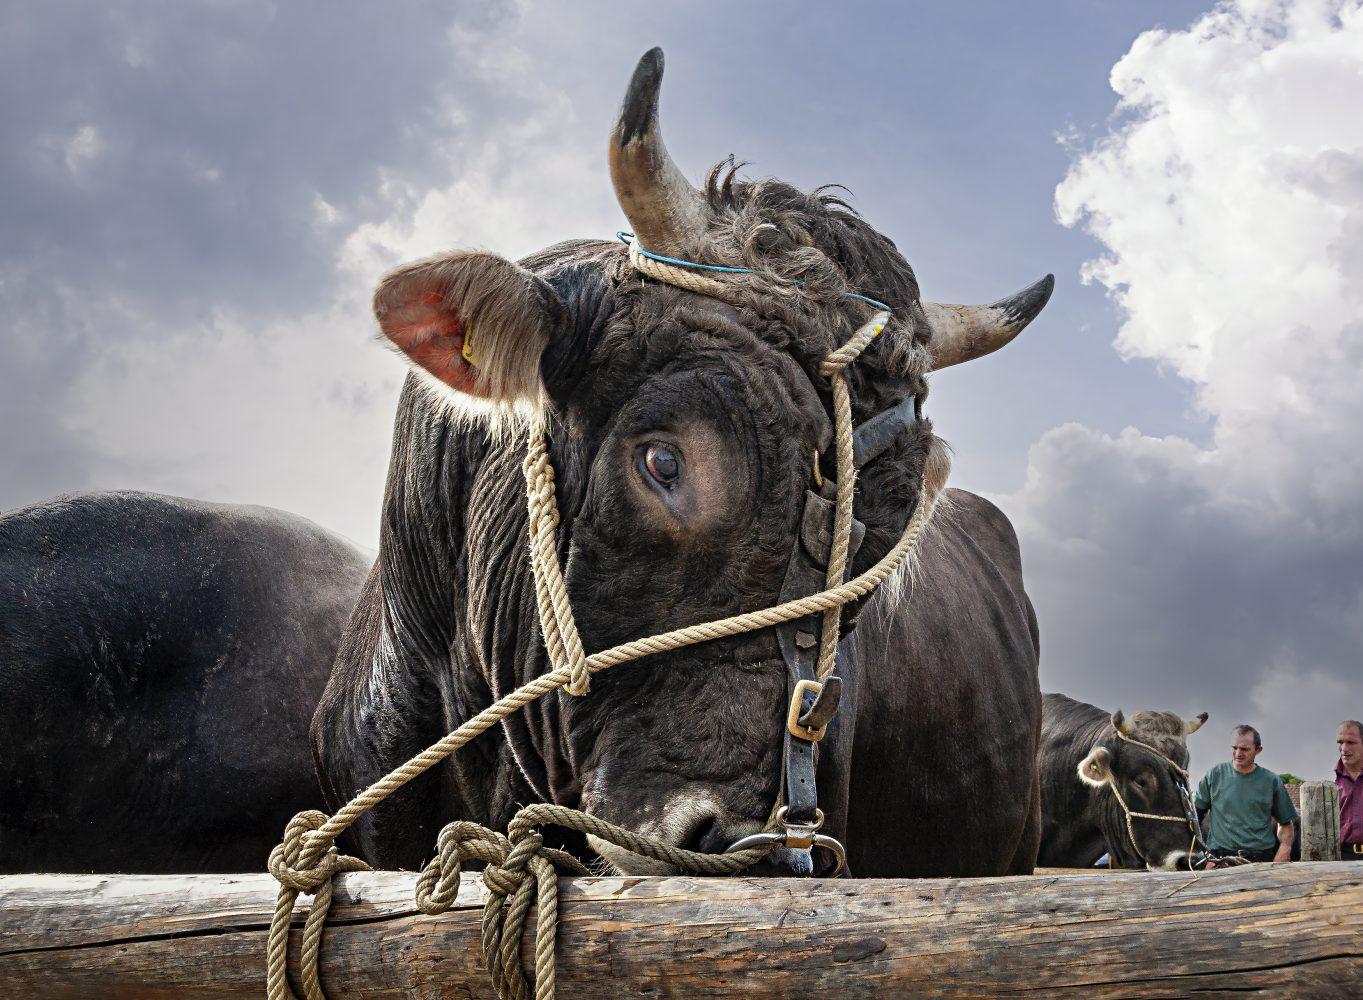 Stierenmarkt Zug, Stier und Besucher